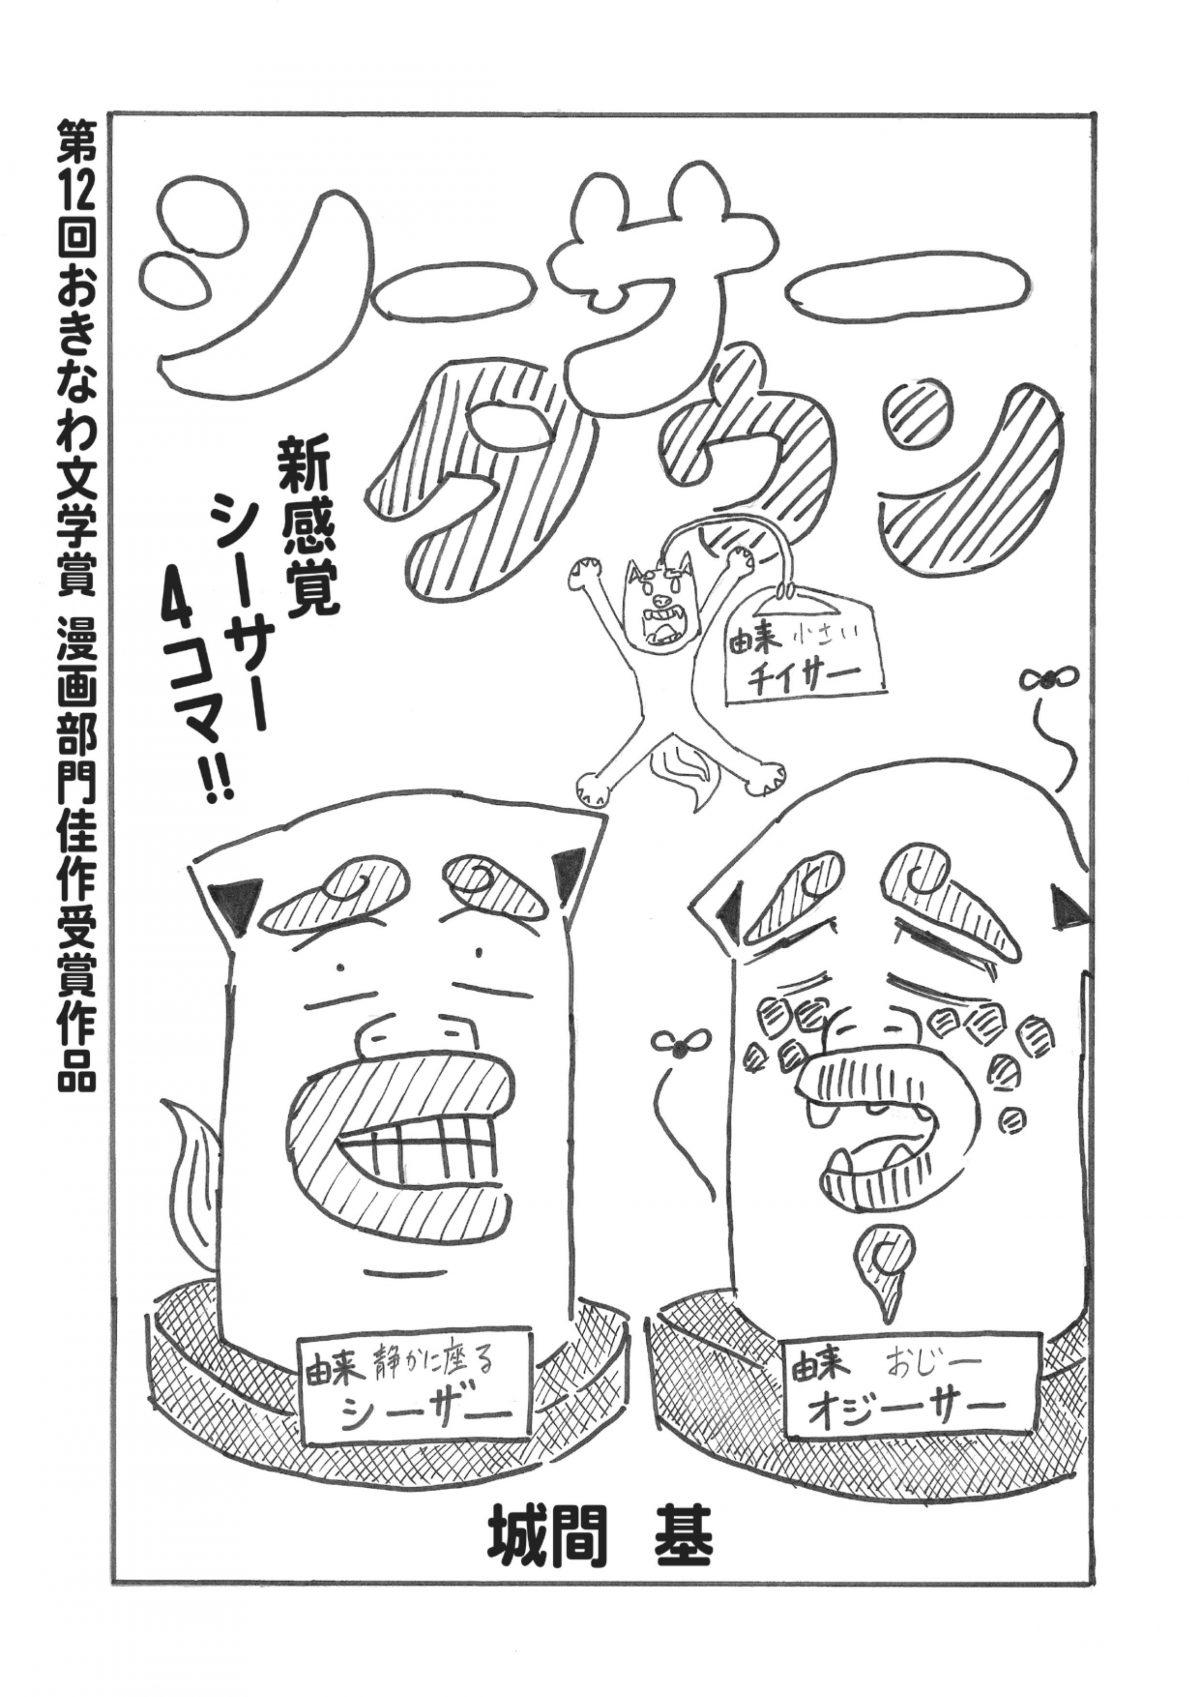 第12回おきなわ文学賞漫画部門佳作受賞作品 シーサータウン